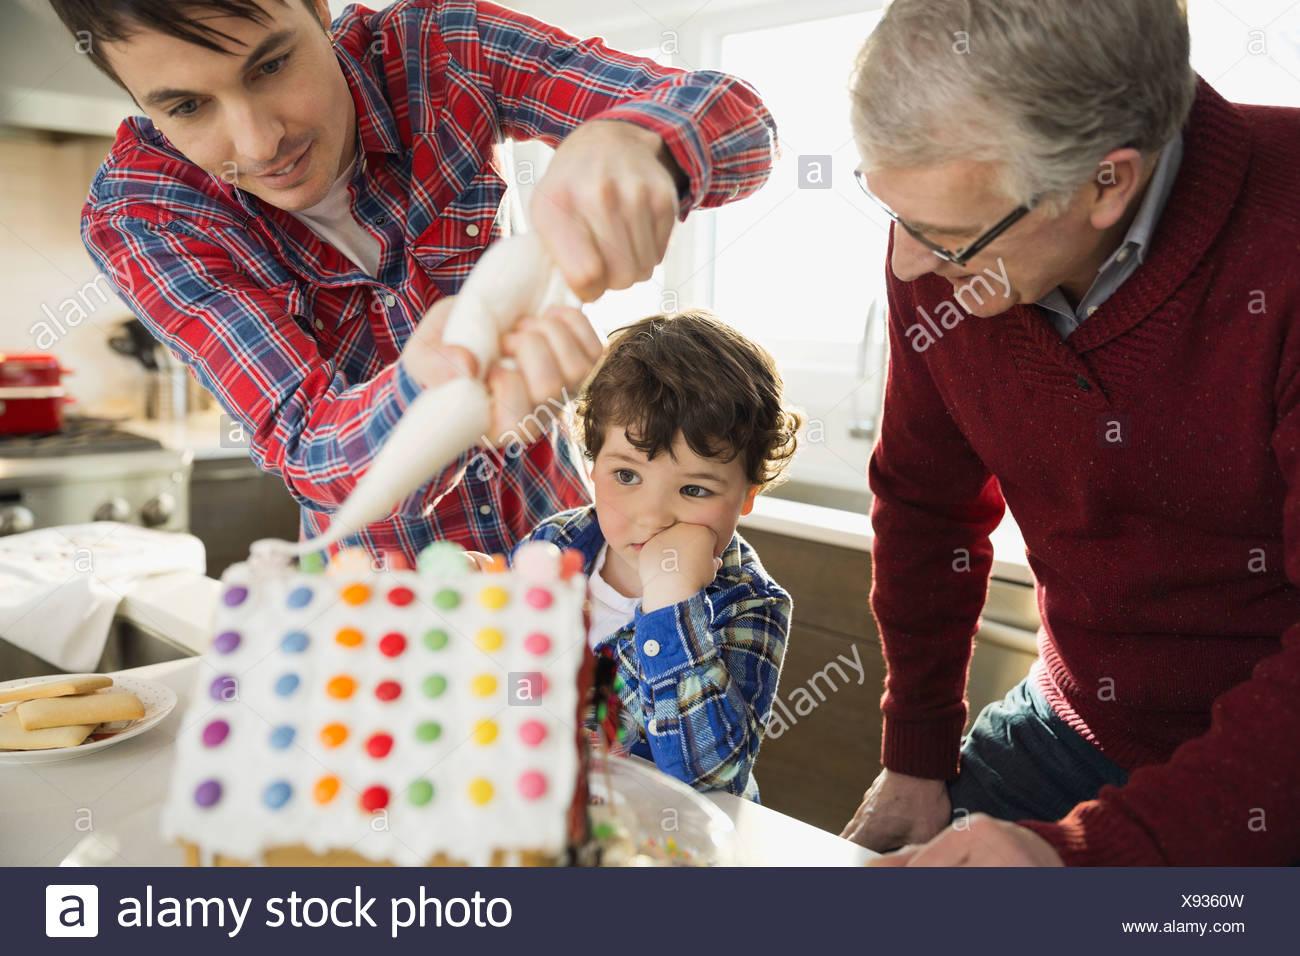 Chico viendo como padre decora la casa de pan de jengibre Imagen De Stock